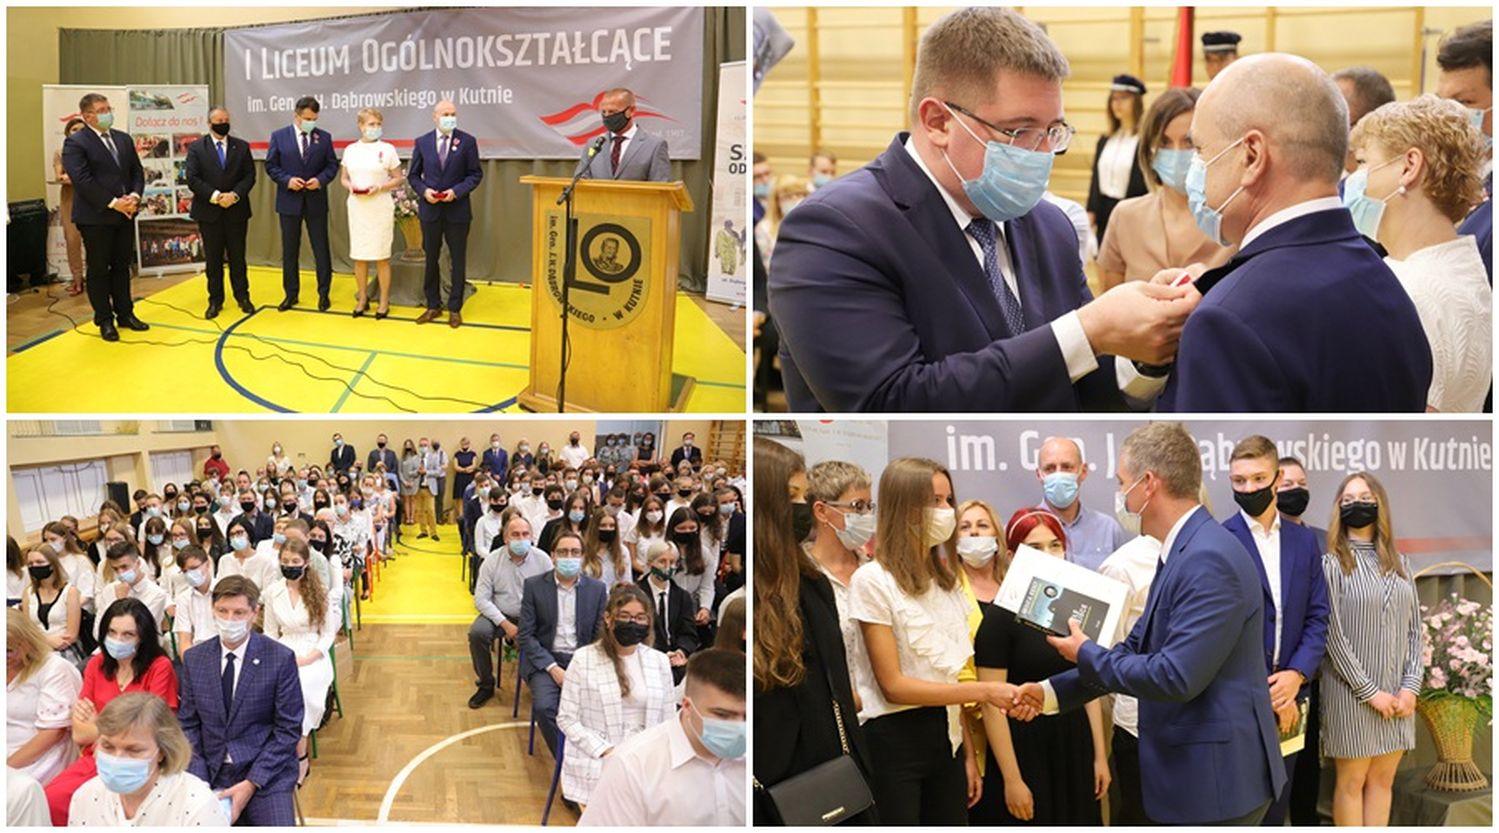 Wiceminister Rzymkowski wręcza nauczycielom najwyższe odznaczenia, dyrekcja docenia uczniów. Święto w kutnowskim liceum [ZDJĘCIA] - Zdjęcie główne